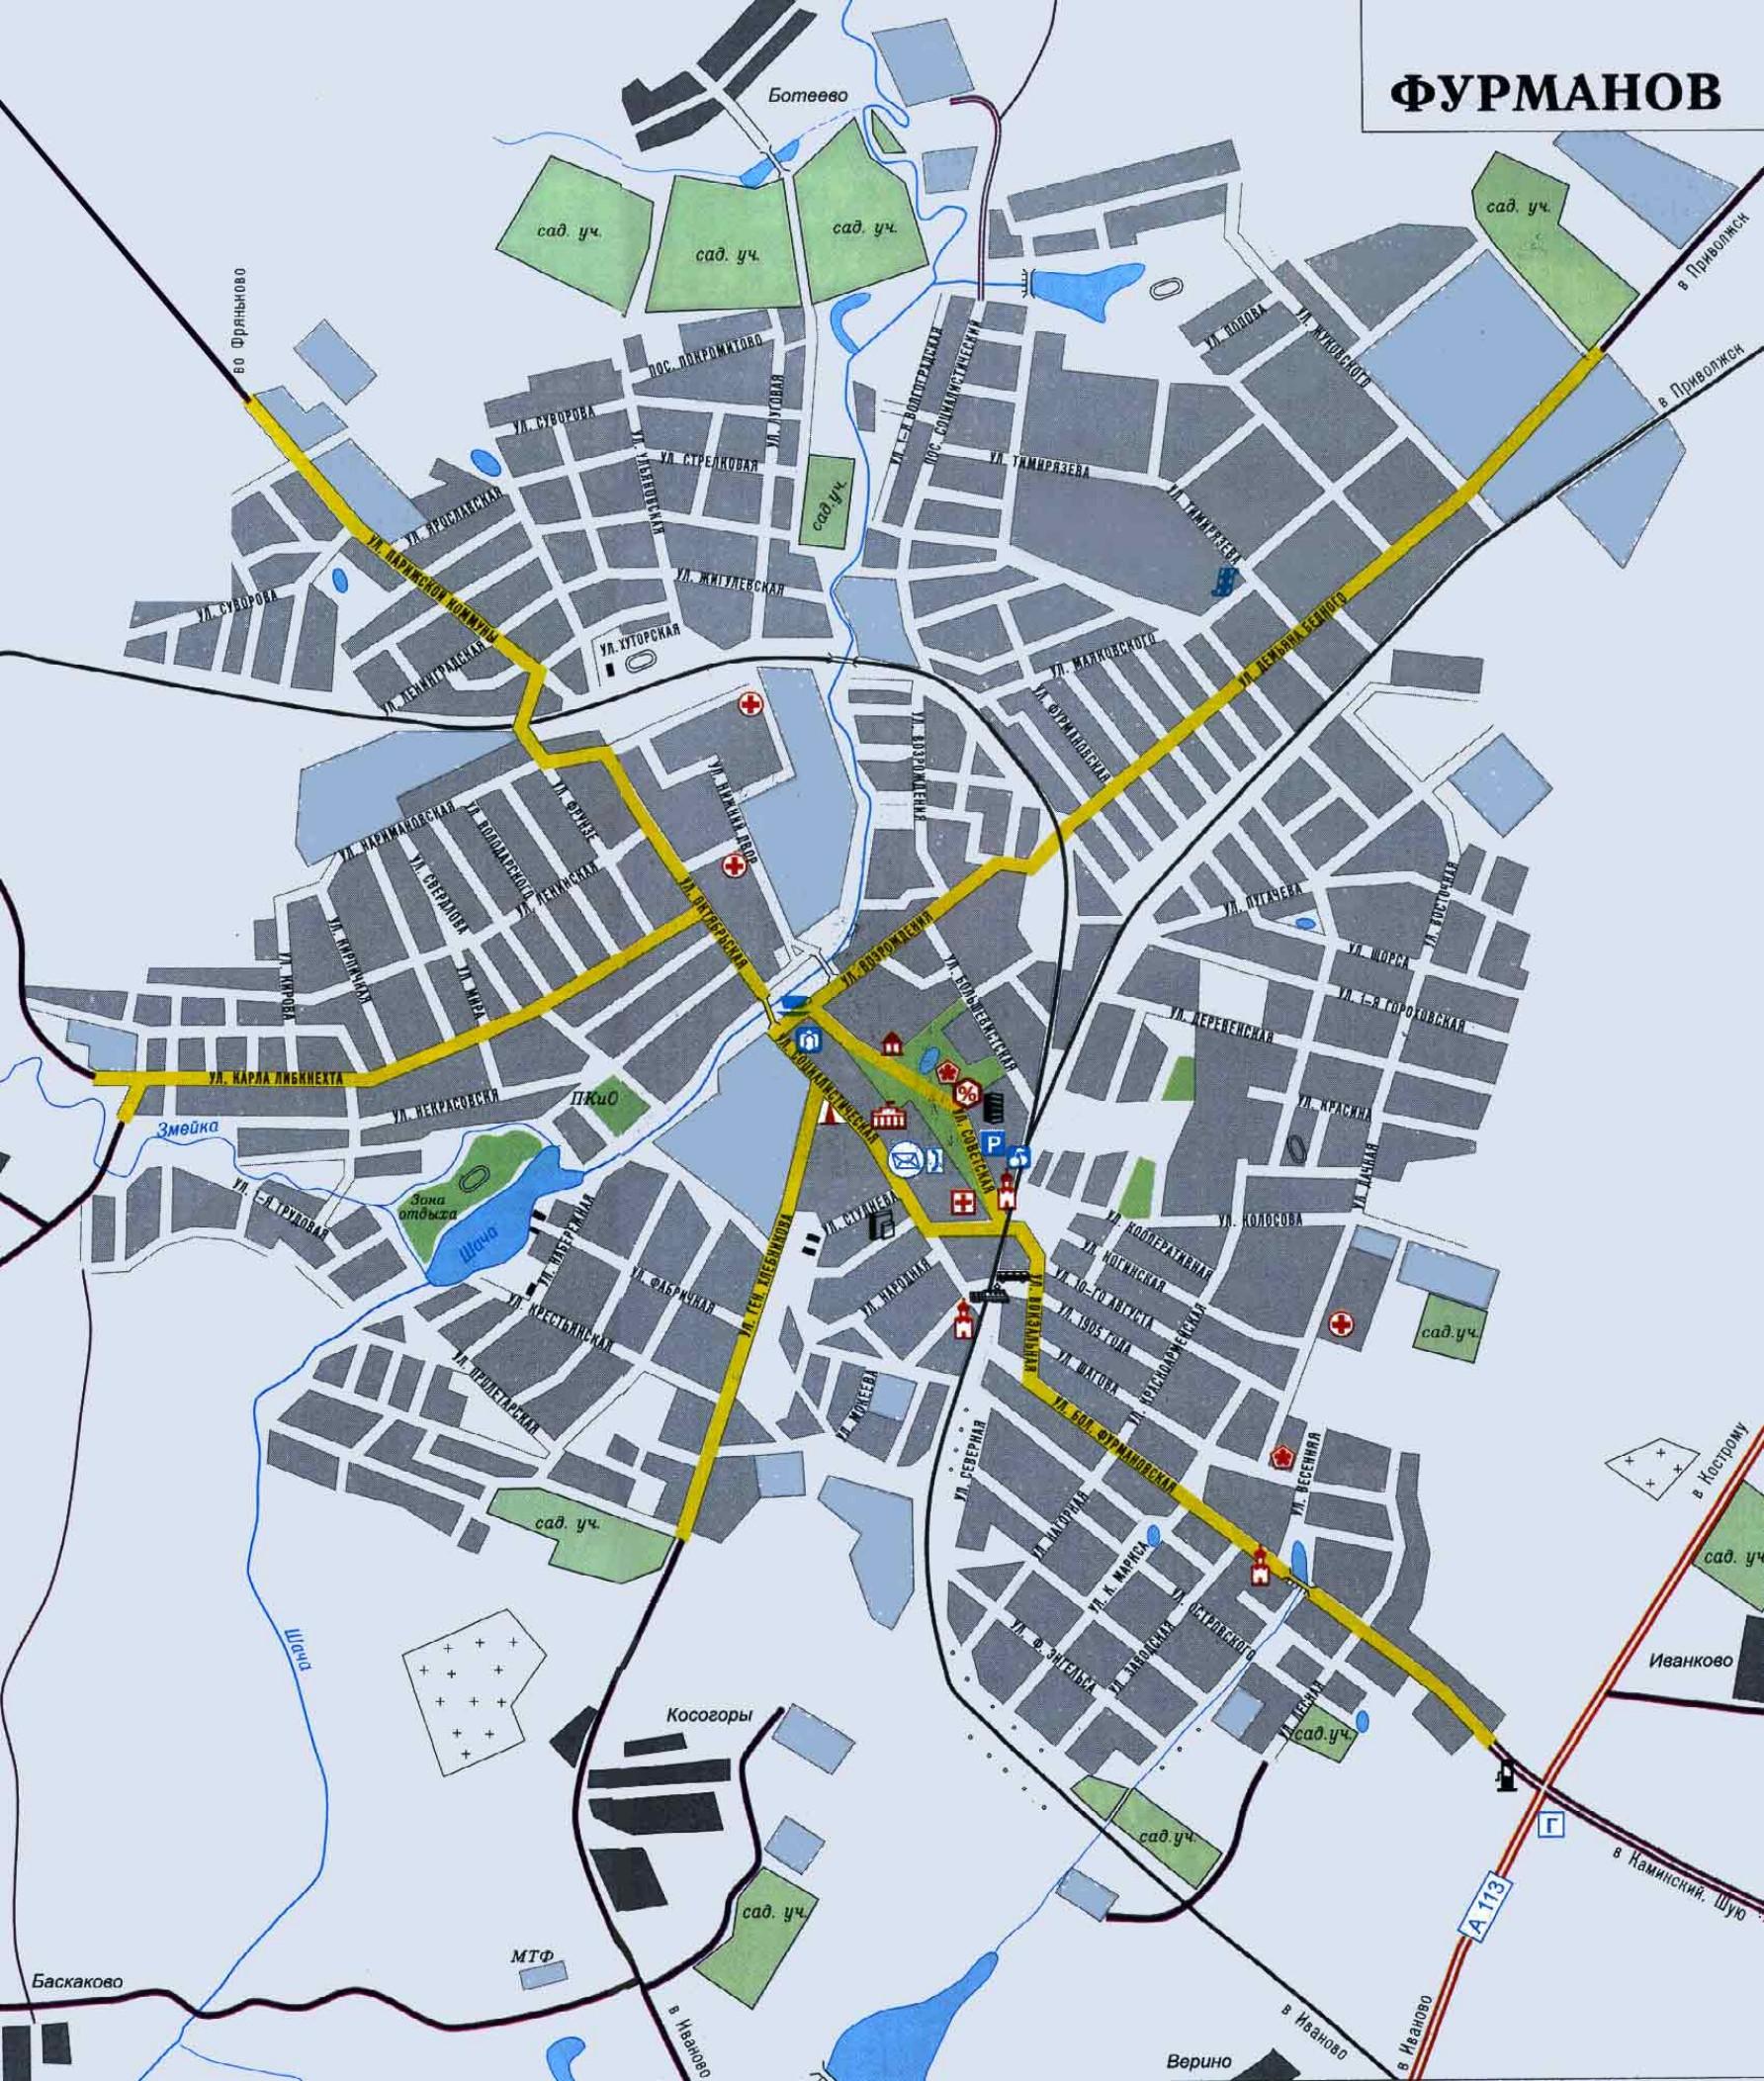 Карта города Фурманов - Карты городов России: http://maps.at.ua/blog/card_of_city_of_furmanov/2009-07-04-307